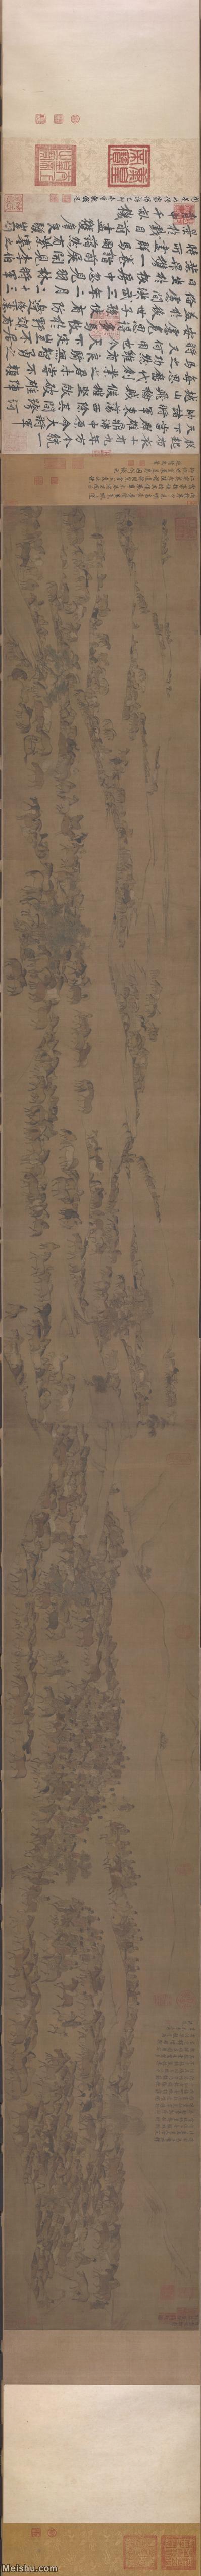 【超顶级】GH7270676古画宋-李公麟 临韦偃牧放图卷C版长卷图片-1171M-72268X5667_961215.